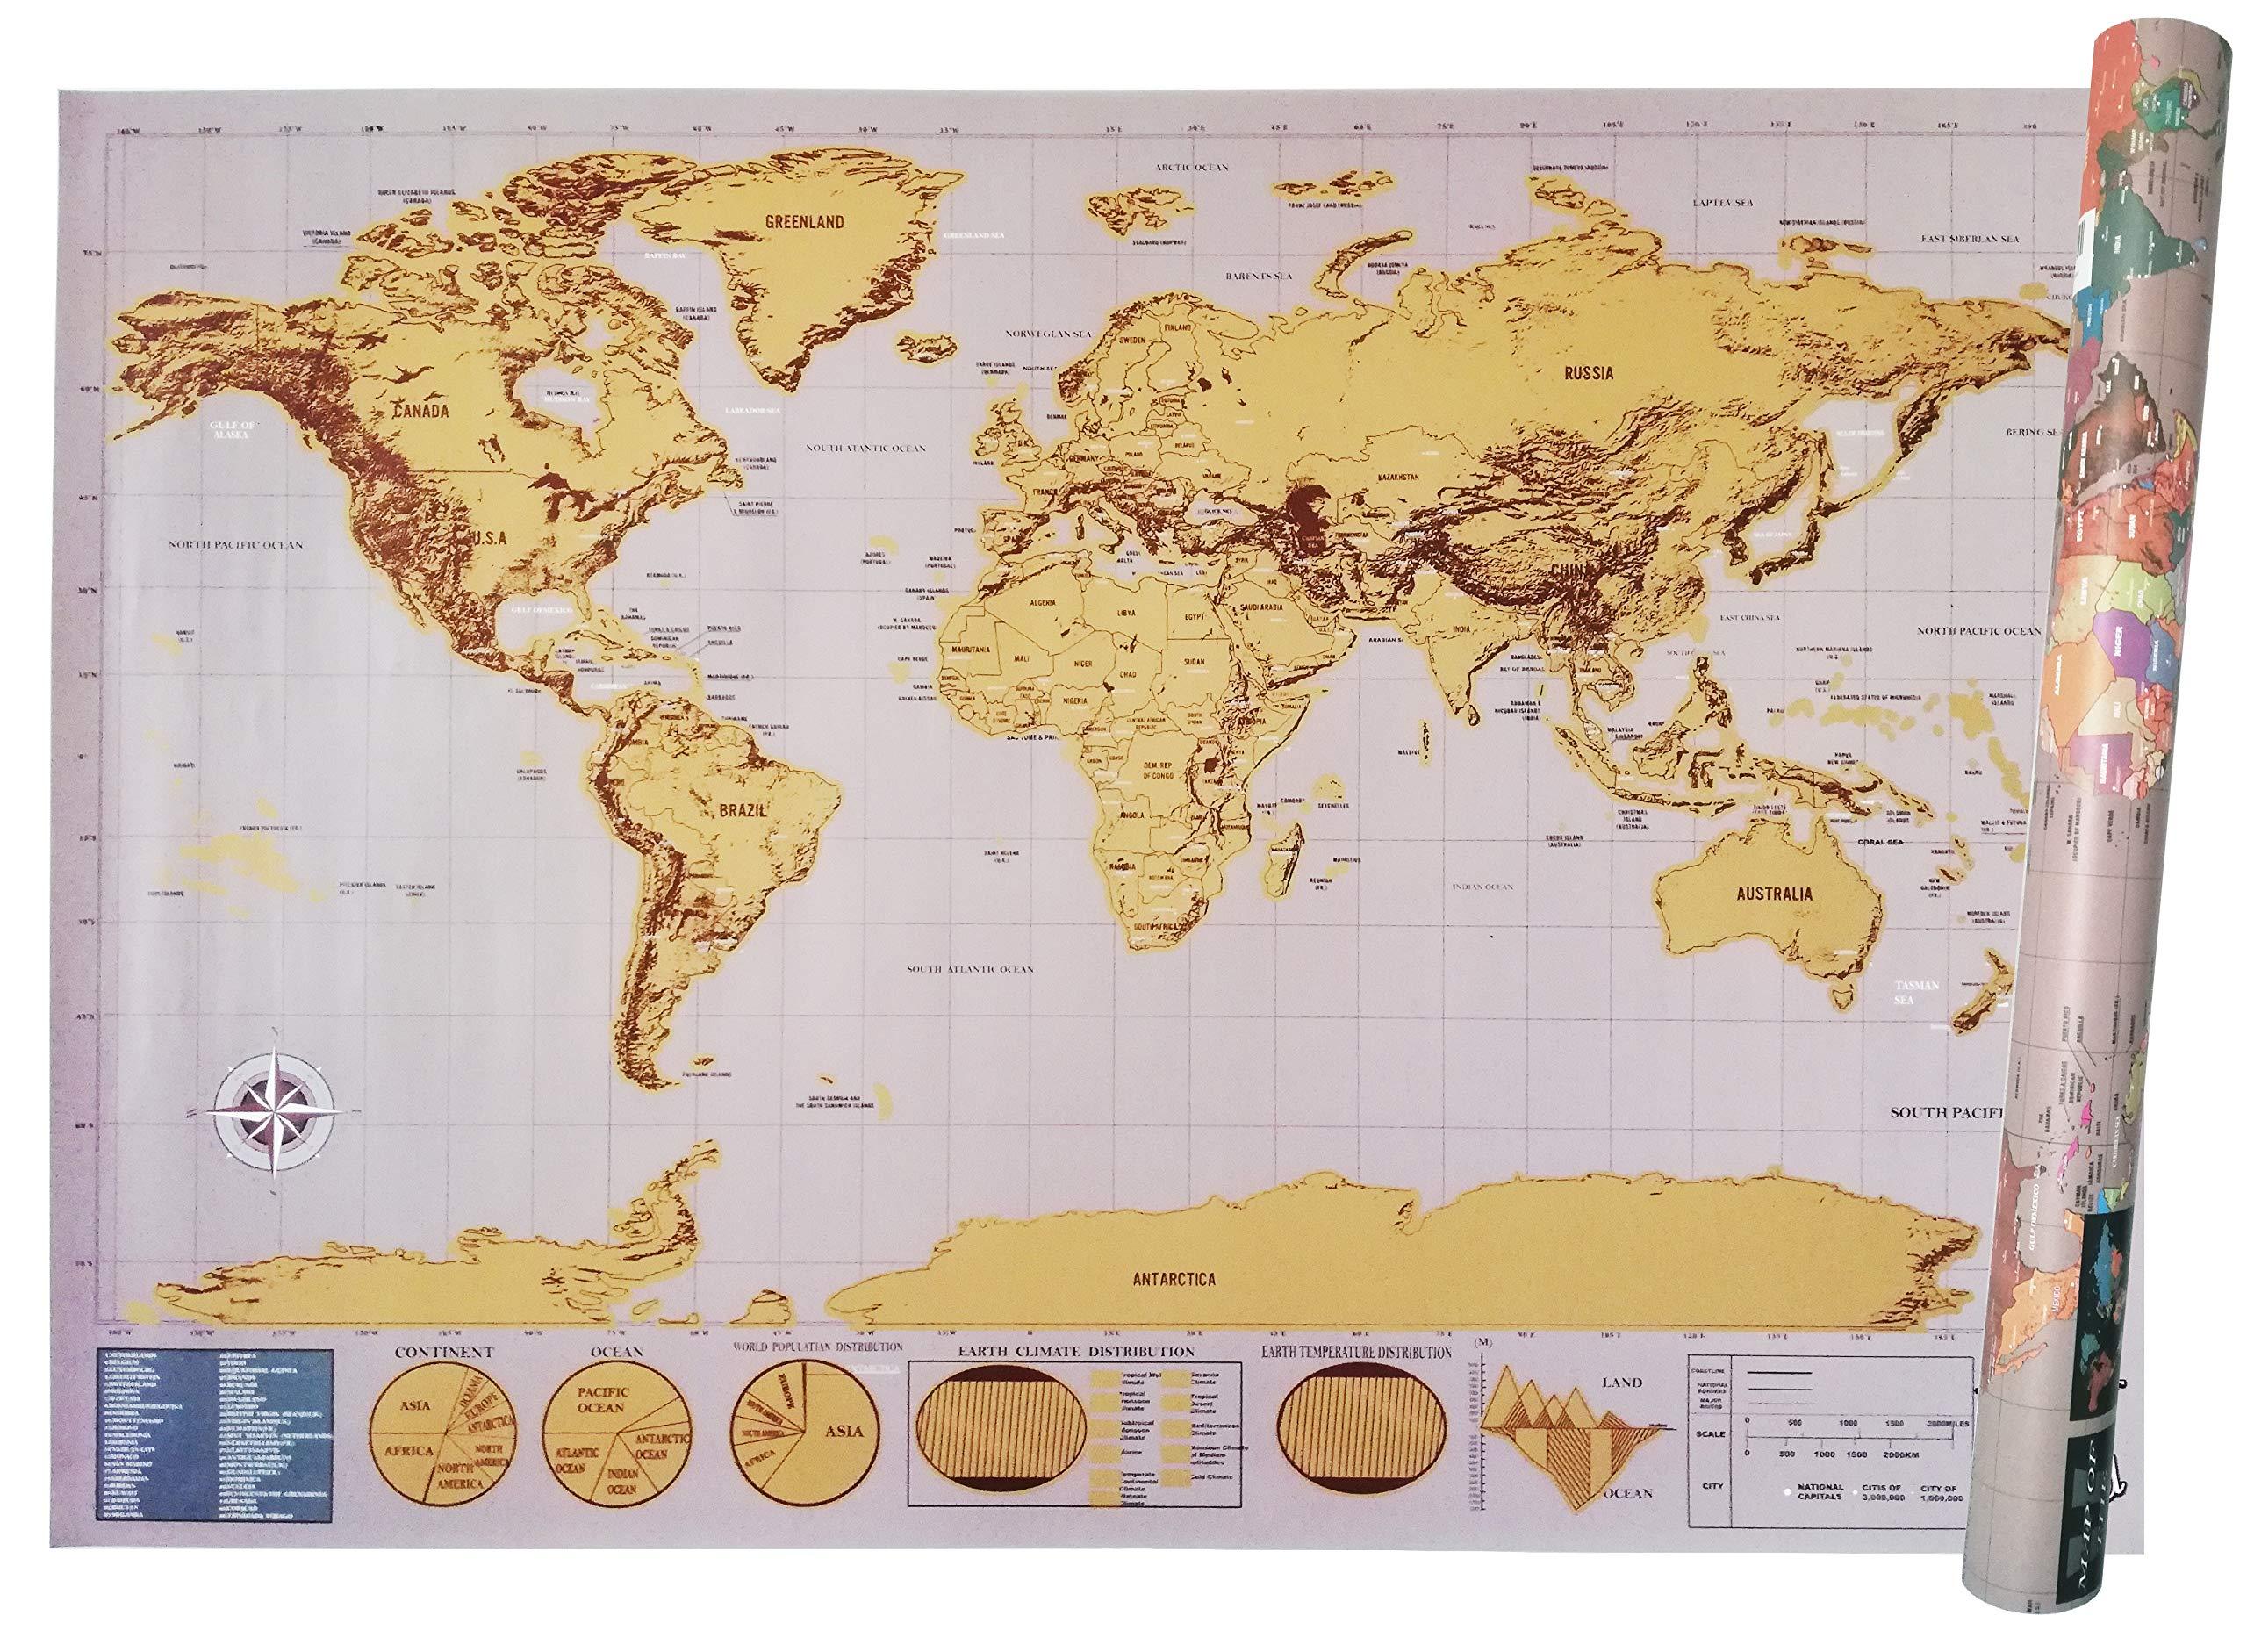 Cartina Mondo Gratta.Mappa Del Mondo Da Grattare Scratch Map Xxl 82 5x59 4 Cm Deluxe Edition Cartina Geografica Fisica Politica Con Nazioni Colorate Grattabili Singolarmente Faceshopping